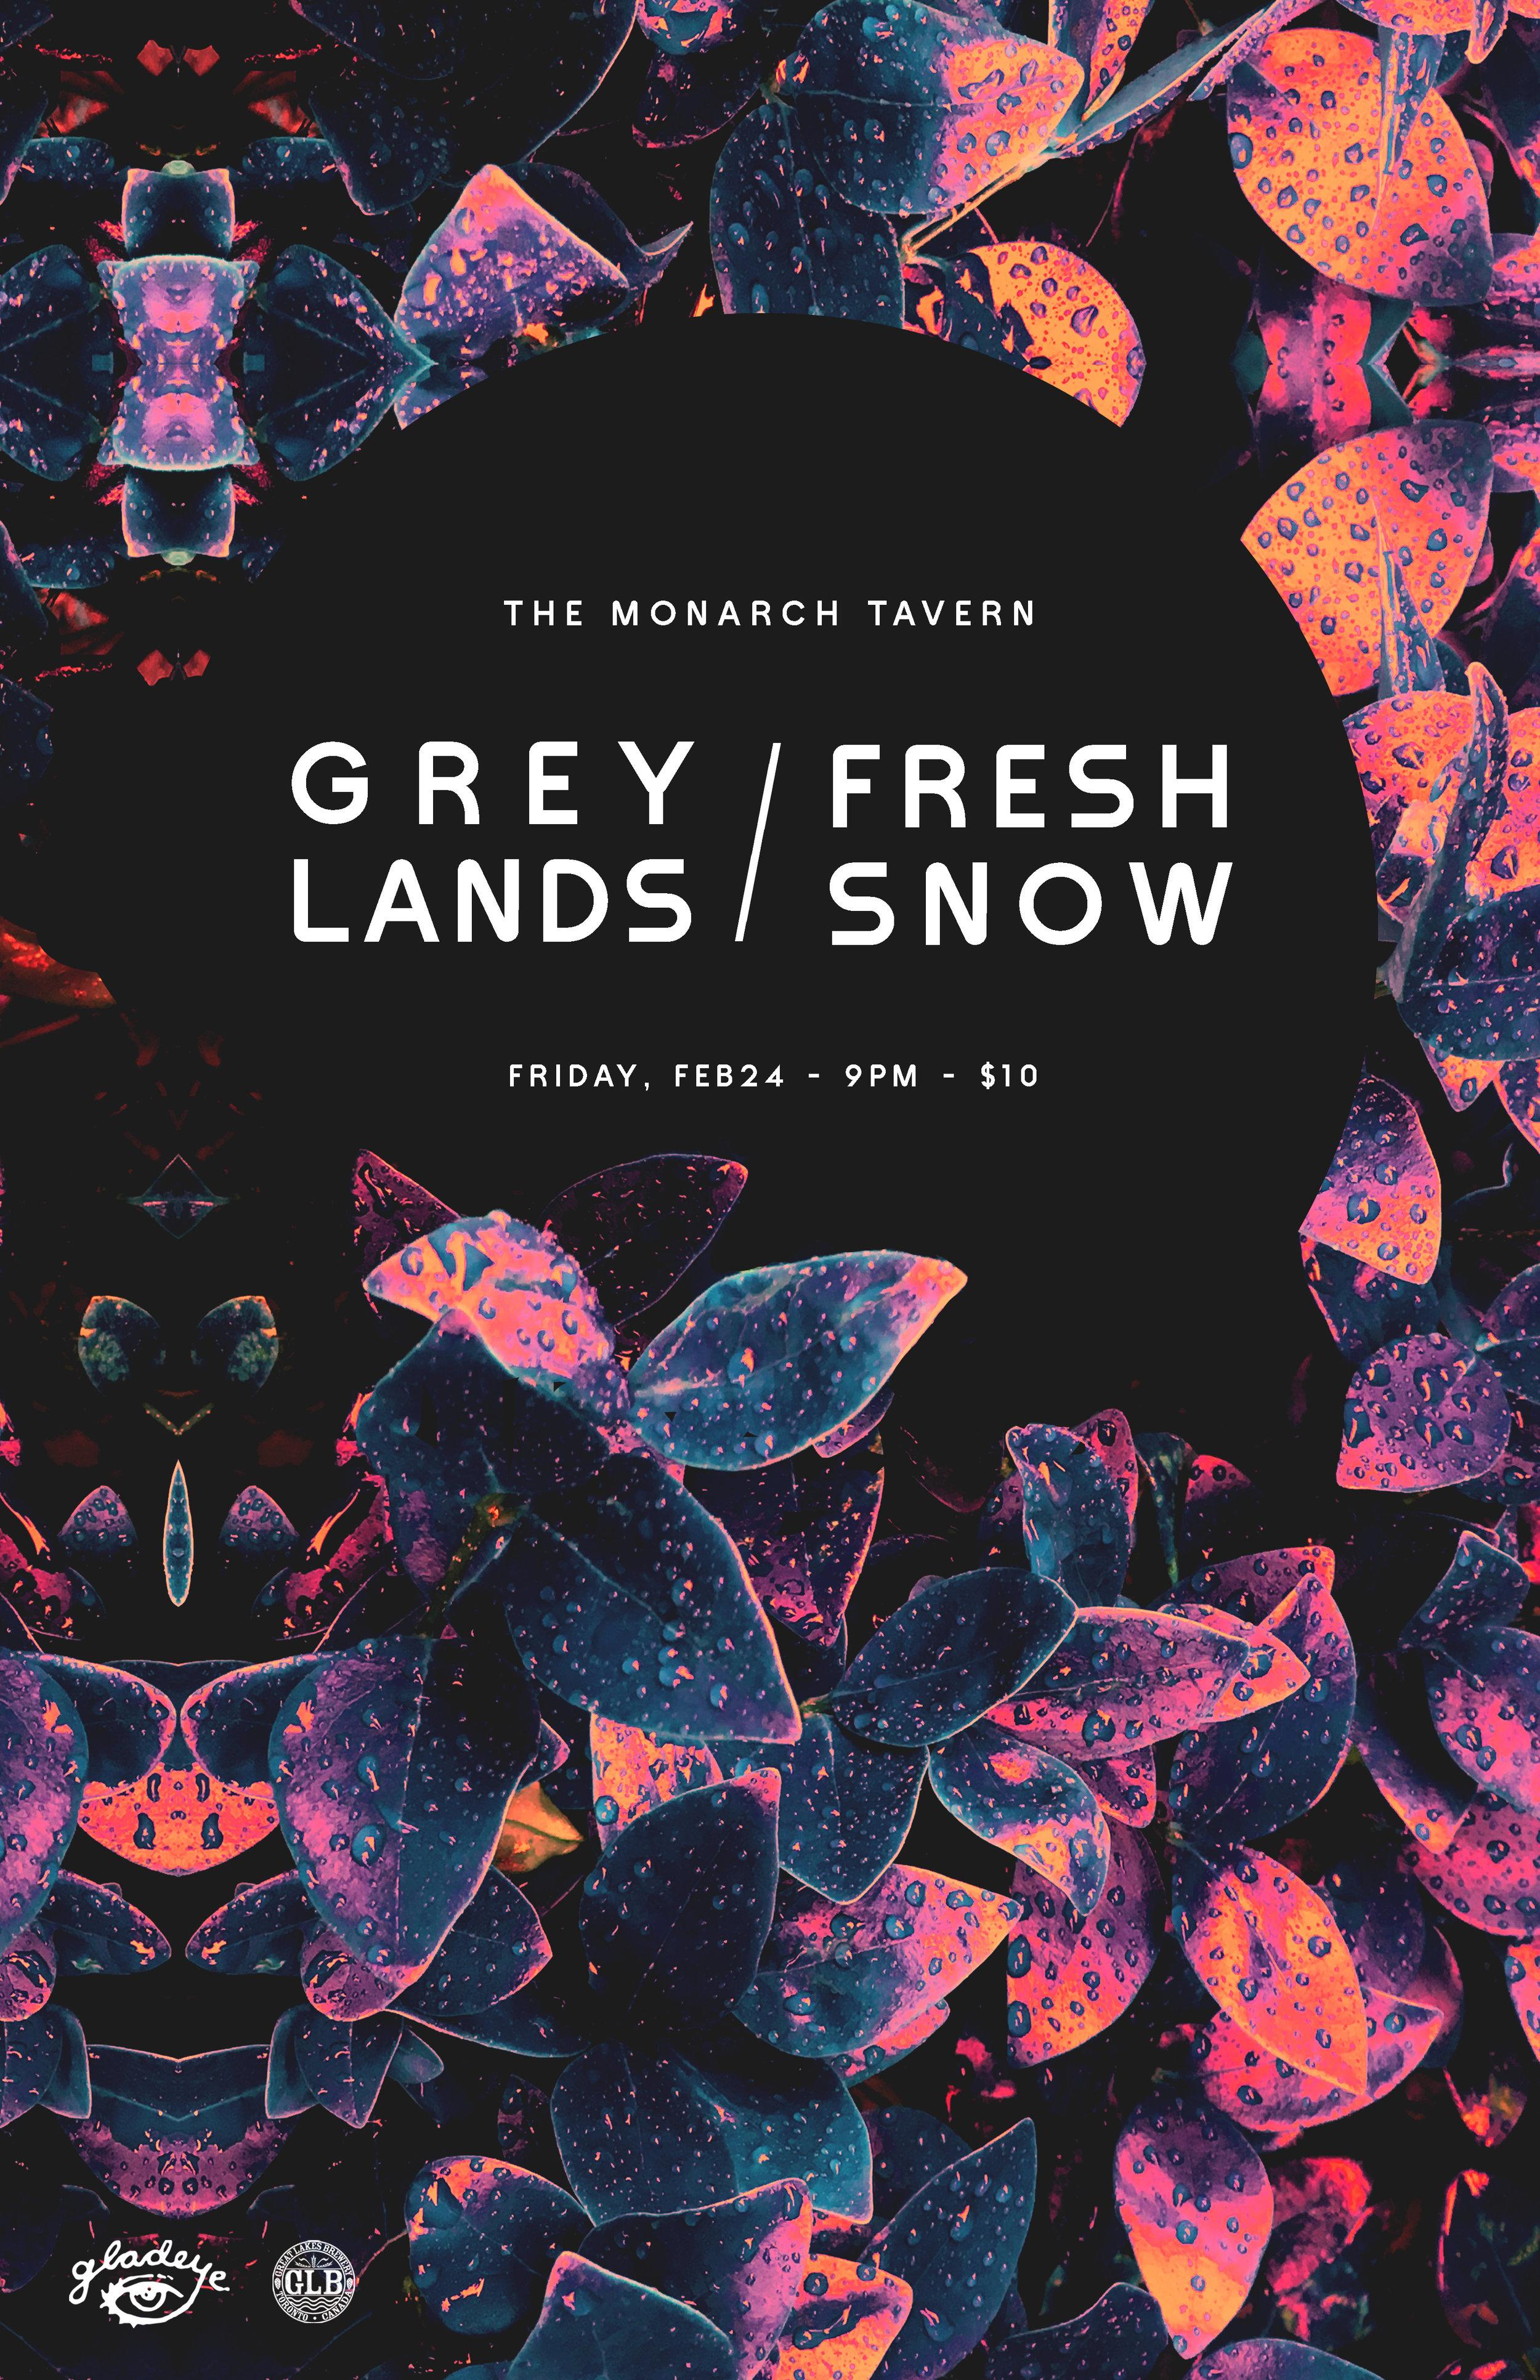 FRESH-SNOW_GREY-LANDS_FEB24_WEB.jpg